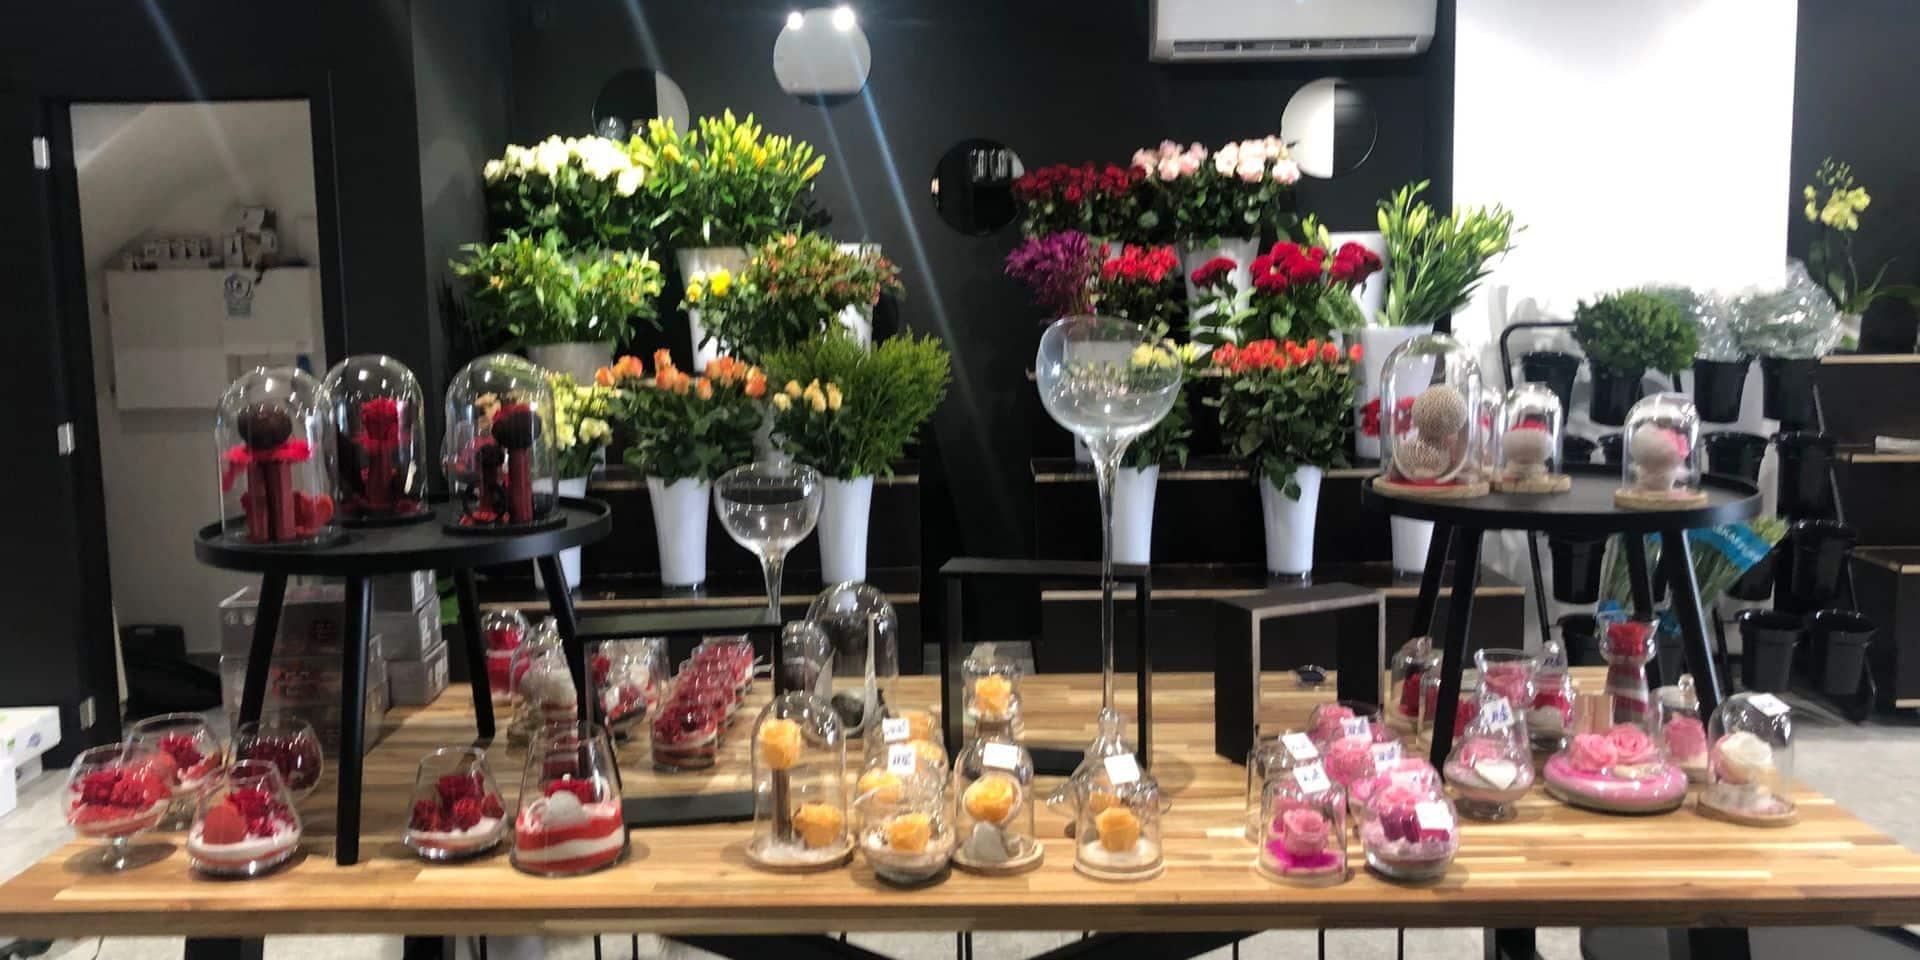 Manage : Une nouvelle fleuriste quitte tout pour ouvrir sa boutique